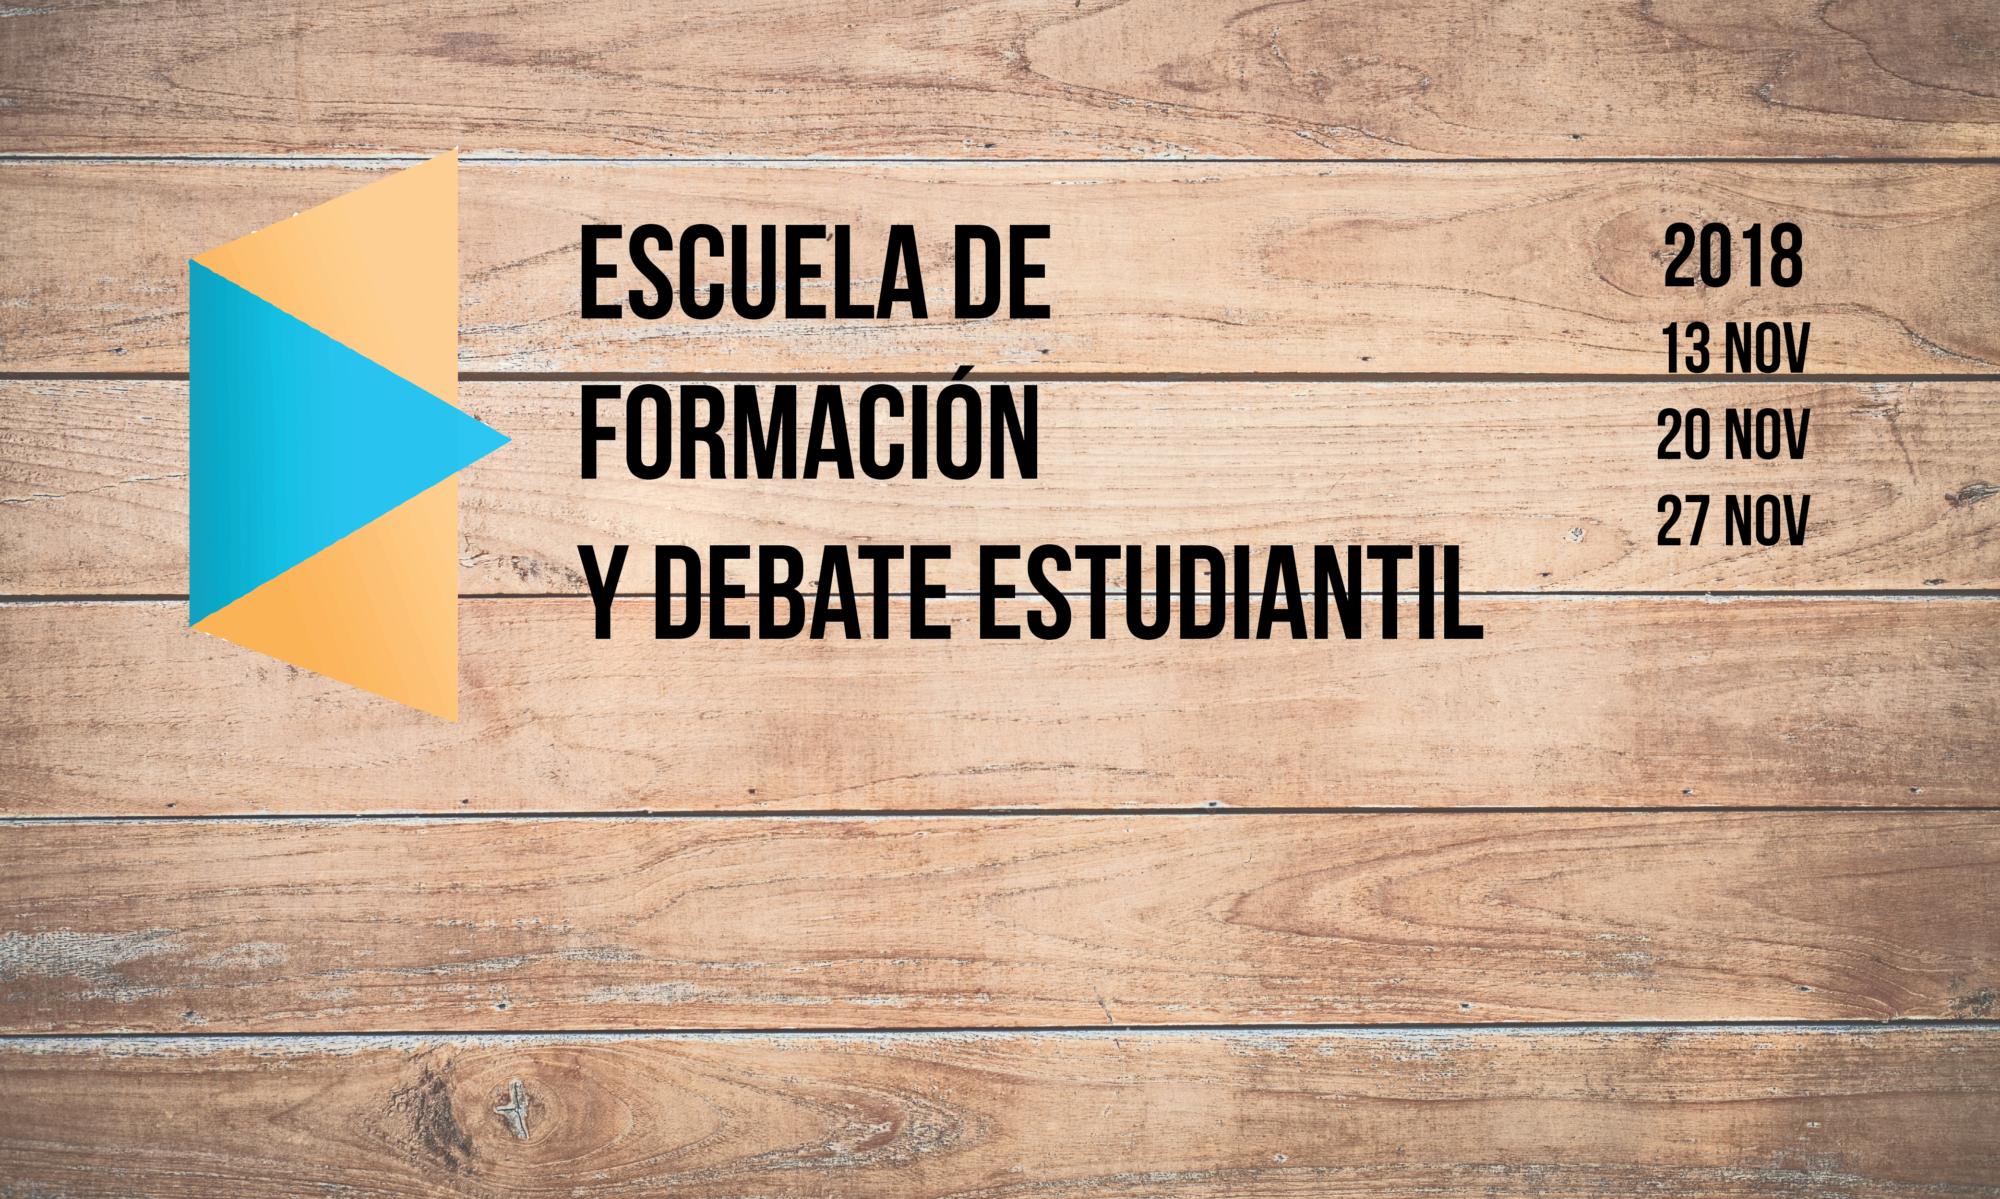 Escuela de Formación y Debate Estudiantil